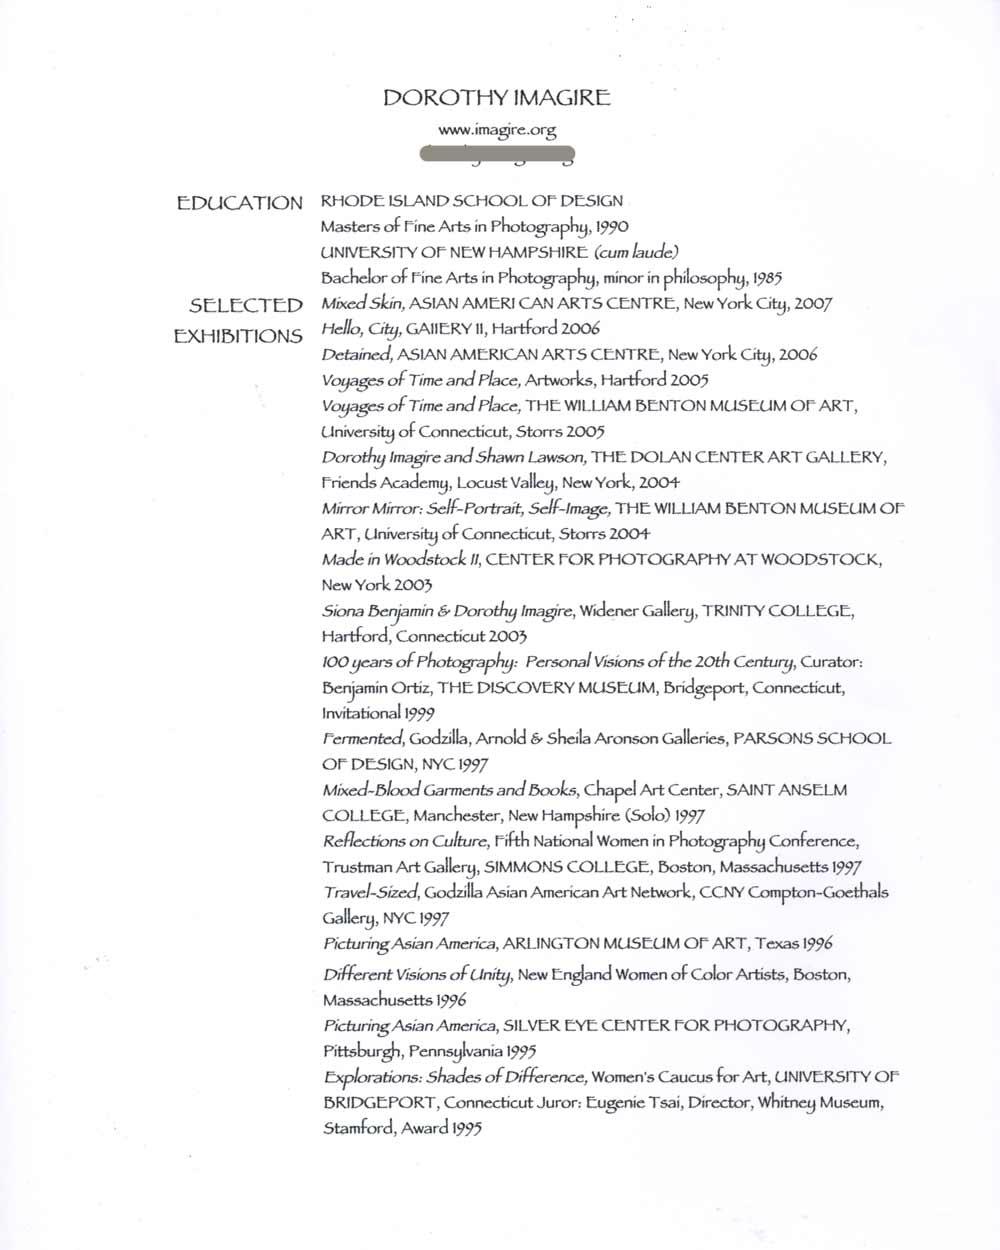 Dorothy Imagire's Resume, pg 1